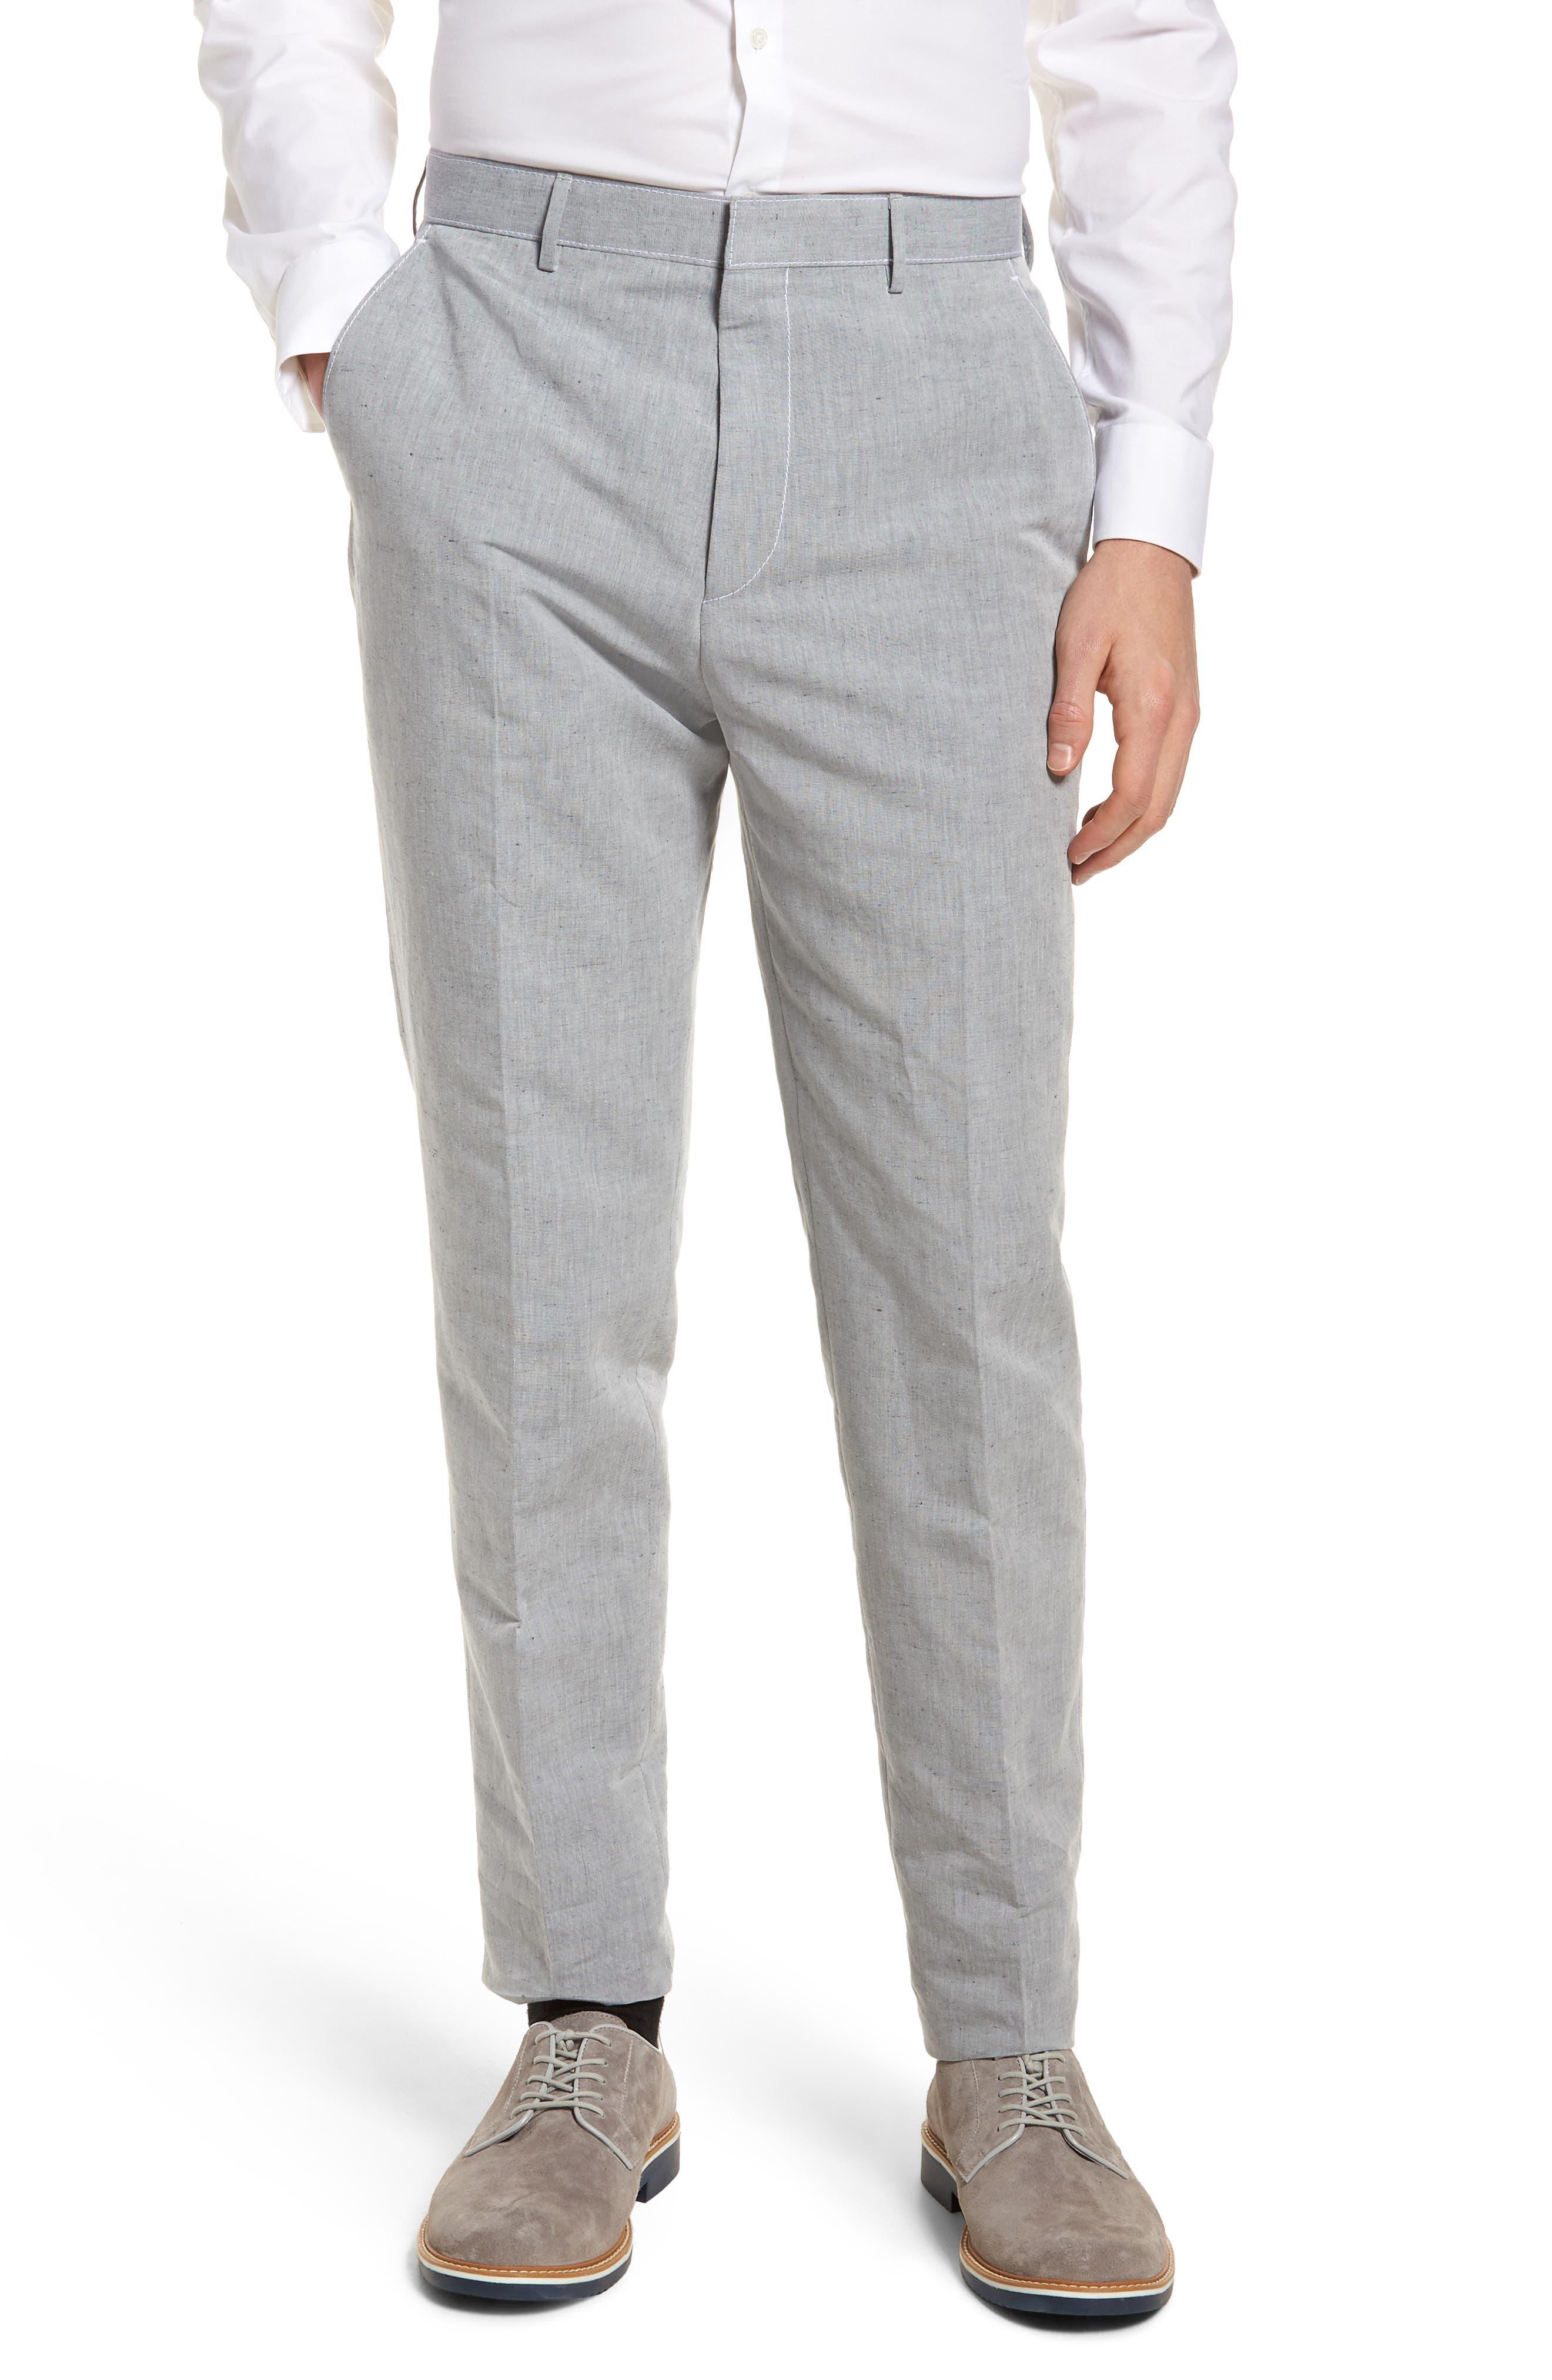 Pirko Flat Front Linen & Cotton Trousers,                             Main thumbnail 1, color,                             020